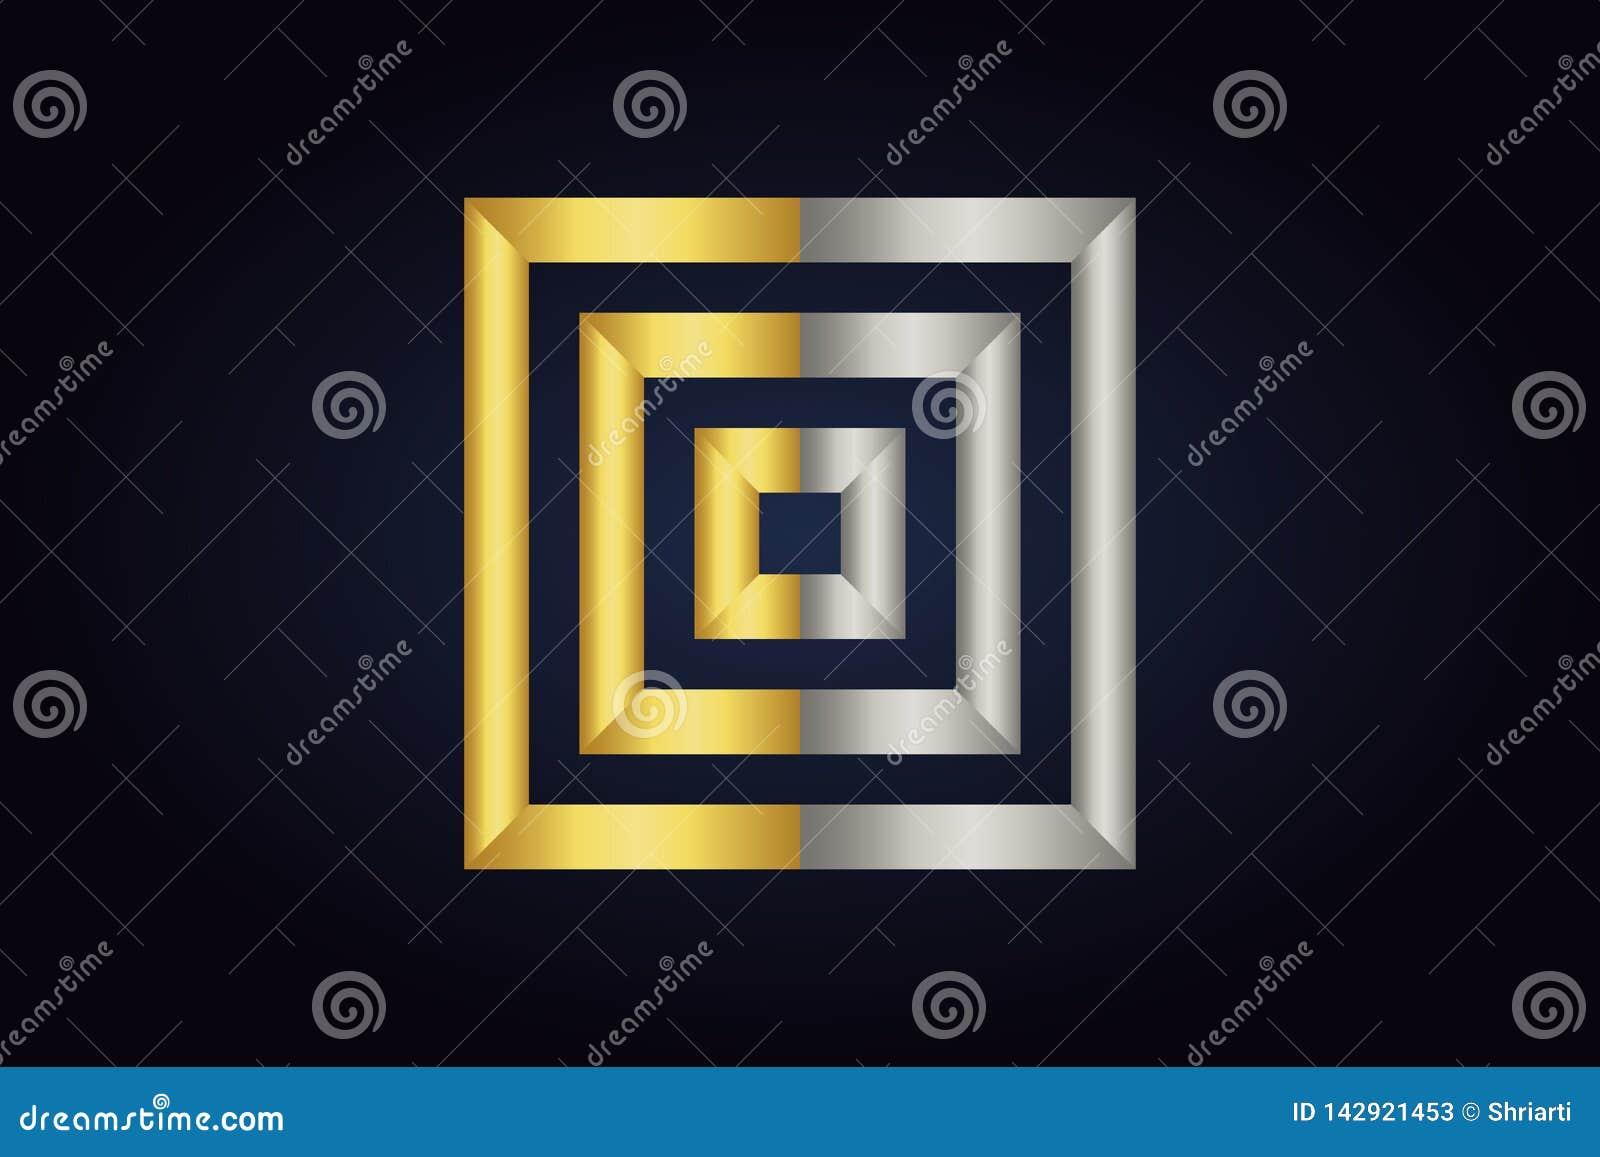 Trzy kwadrata w?rodku each inny Kwadraty w srebra i z?ota kolorach